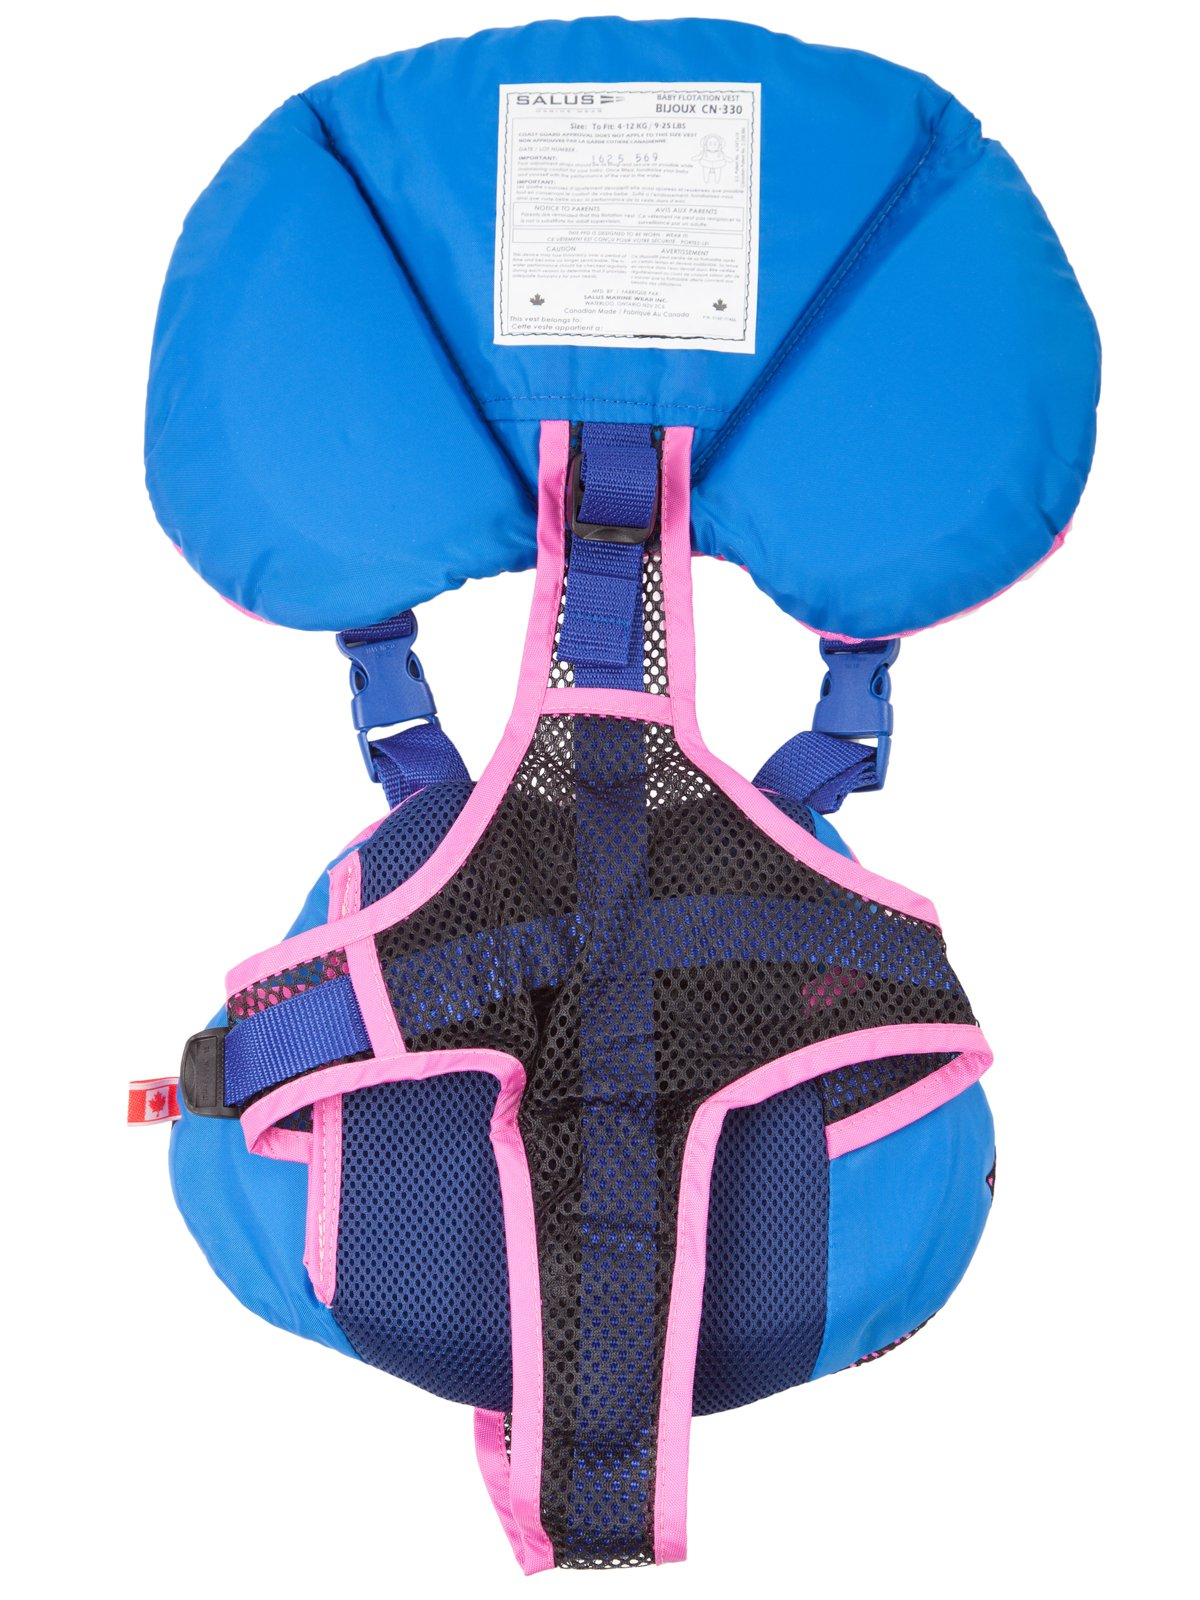 Salus Bijoux Baby Vest - Pink by Salus (Image #3)